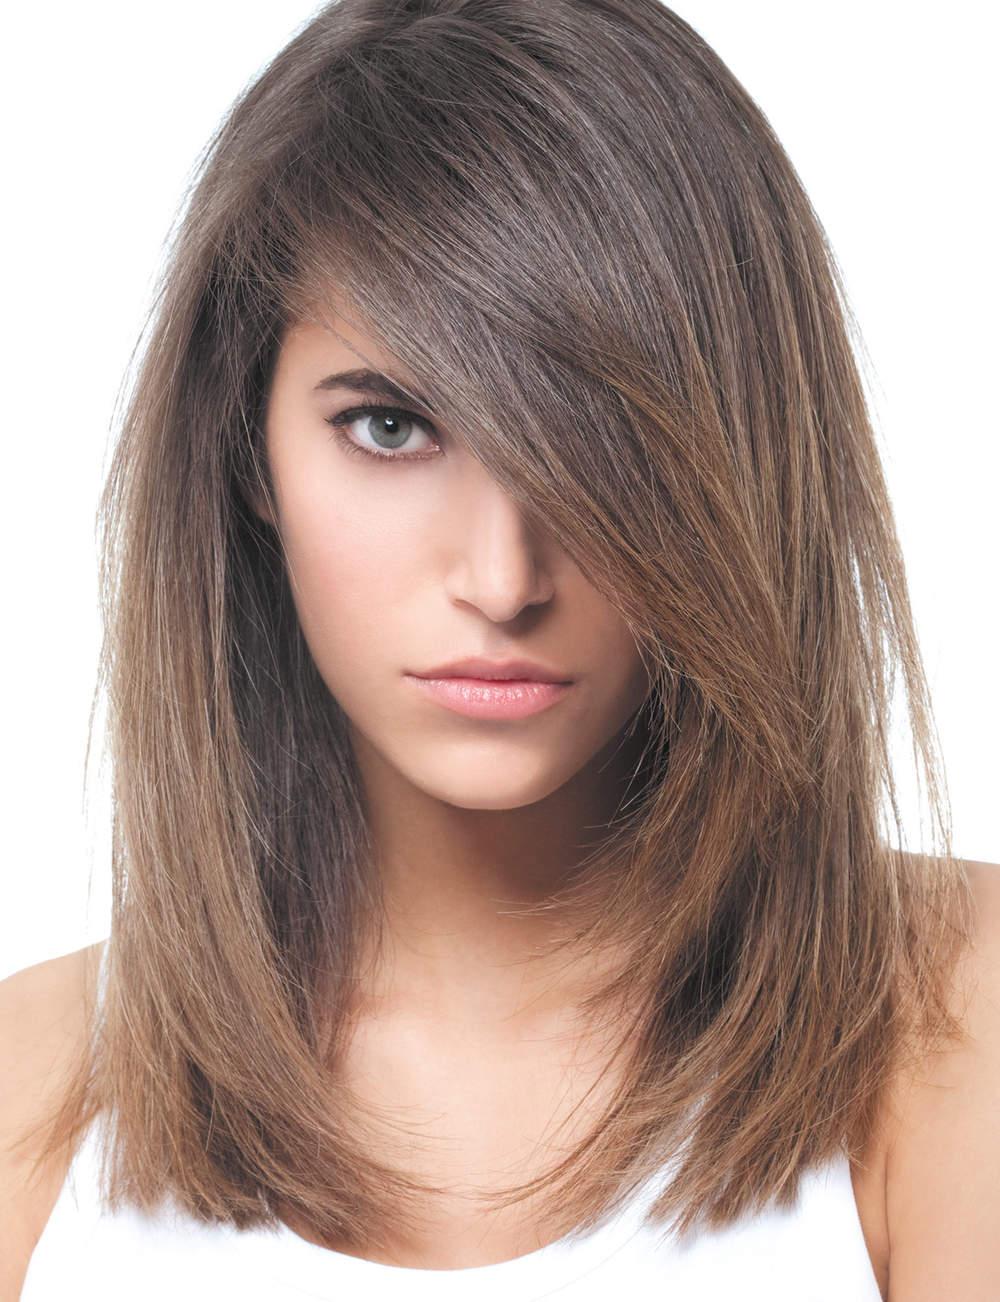 Quelle Coiffure Choisir concernant coupe de cheveux femme, faites votre choix parmi cette sélection